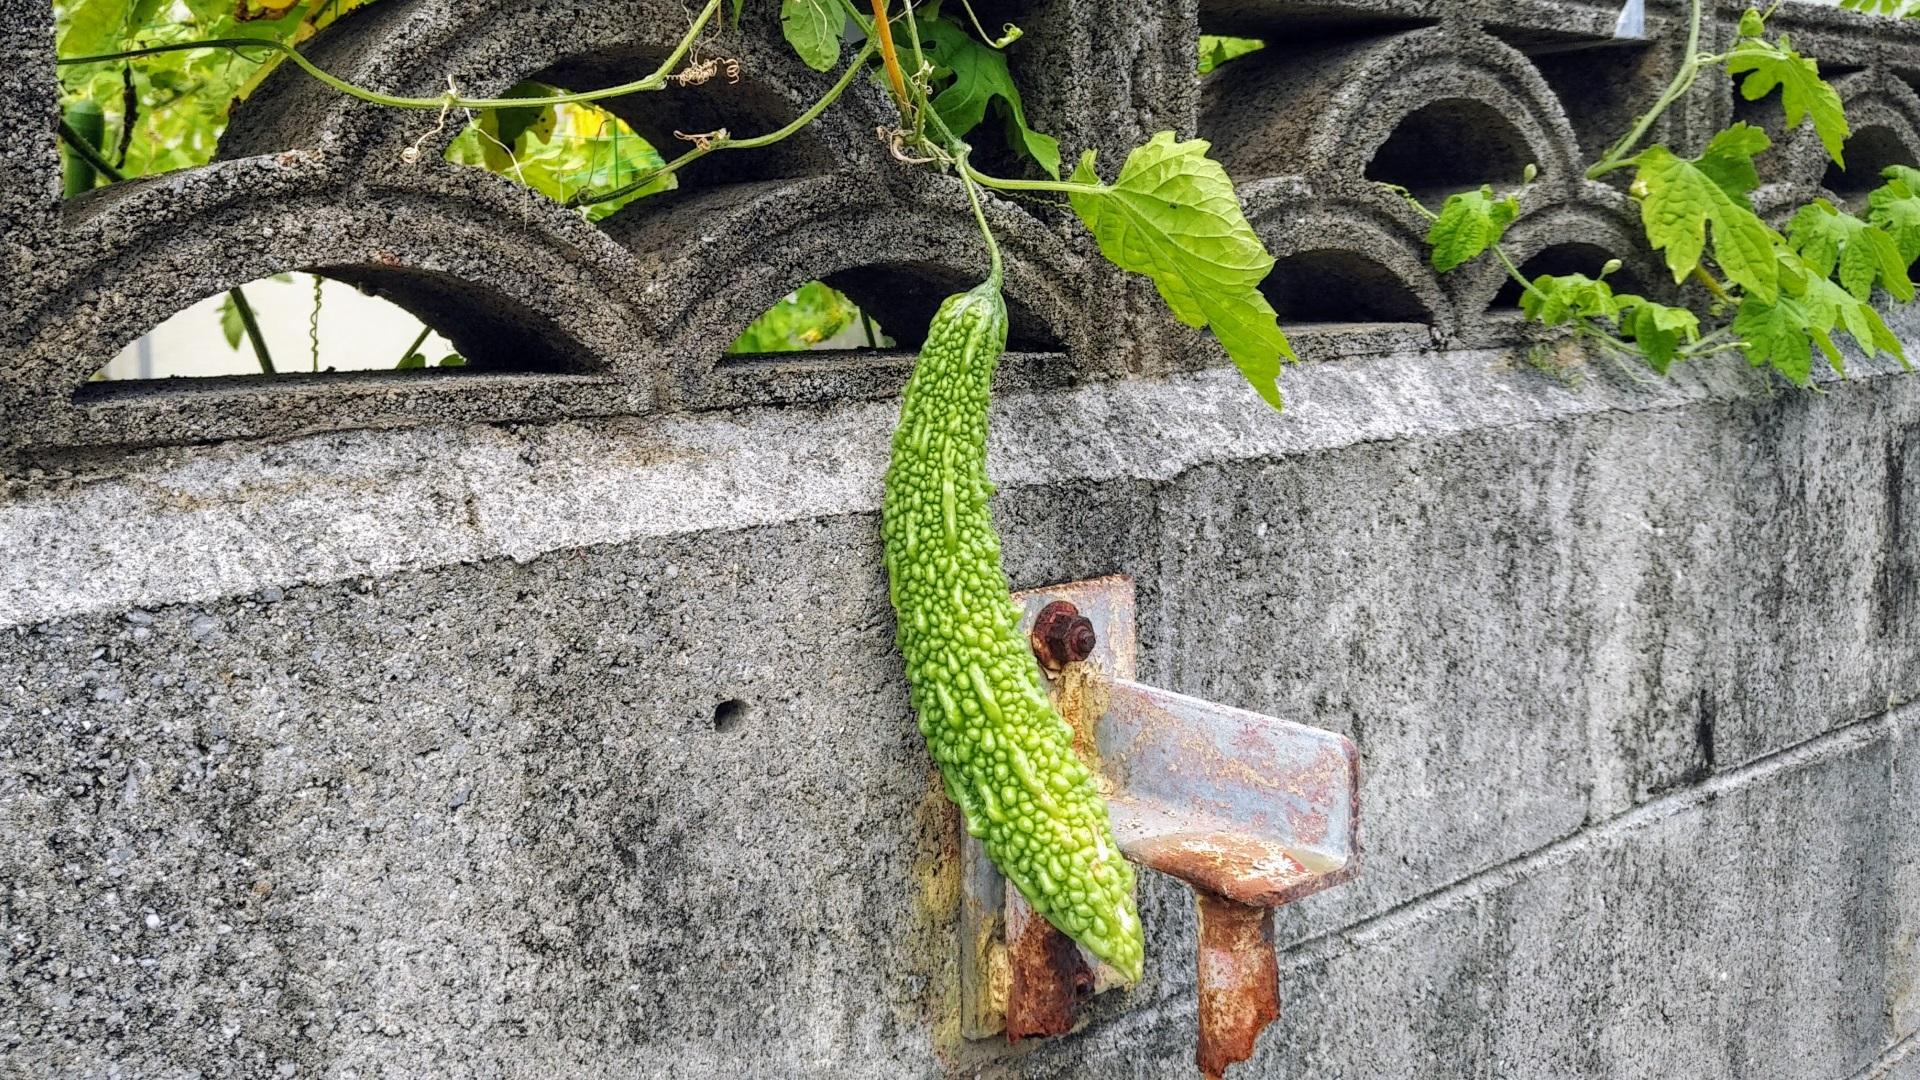 沖縄料理は絶望的にマズイ?流石に記者の舌を疑う【コラム】